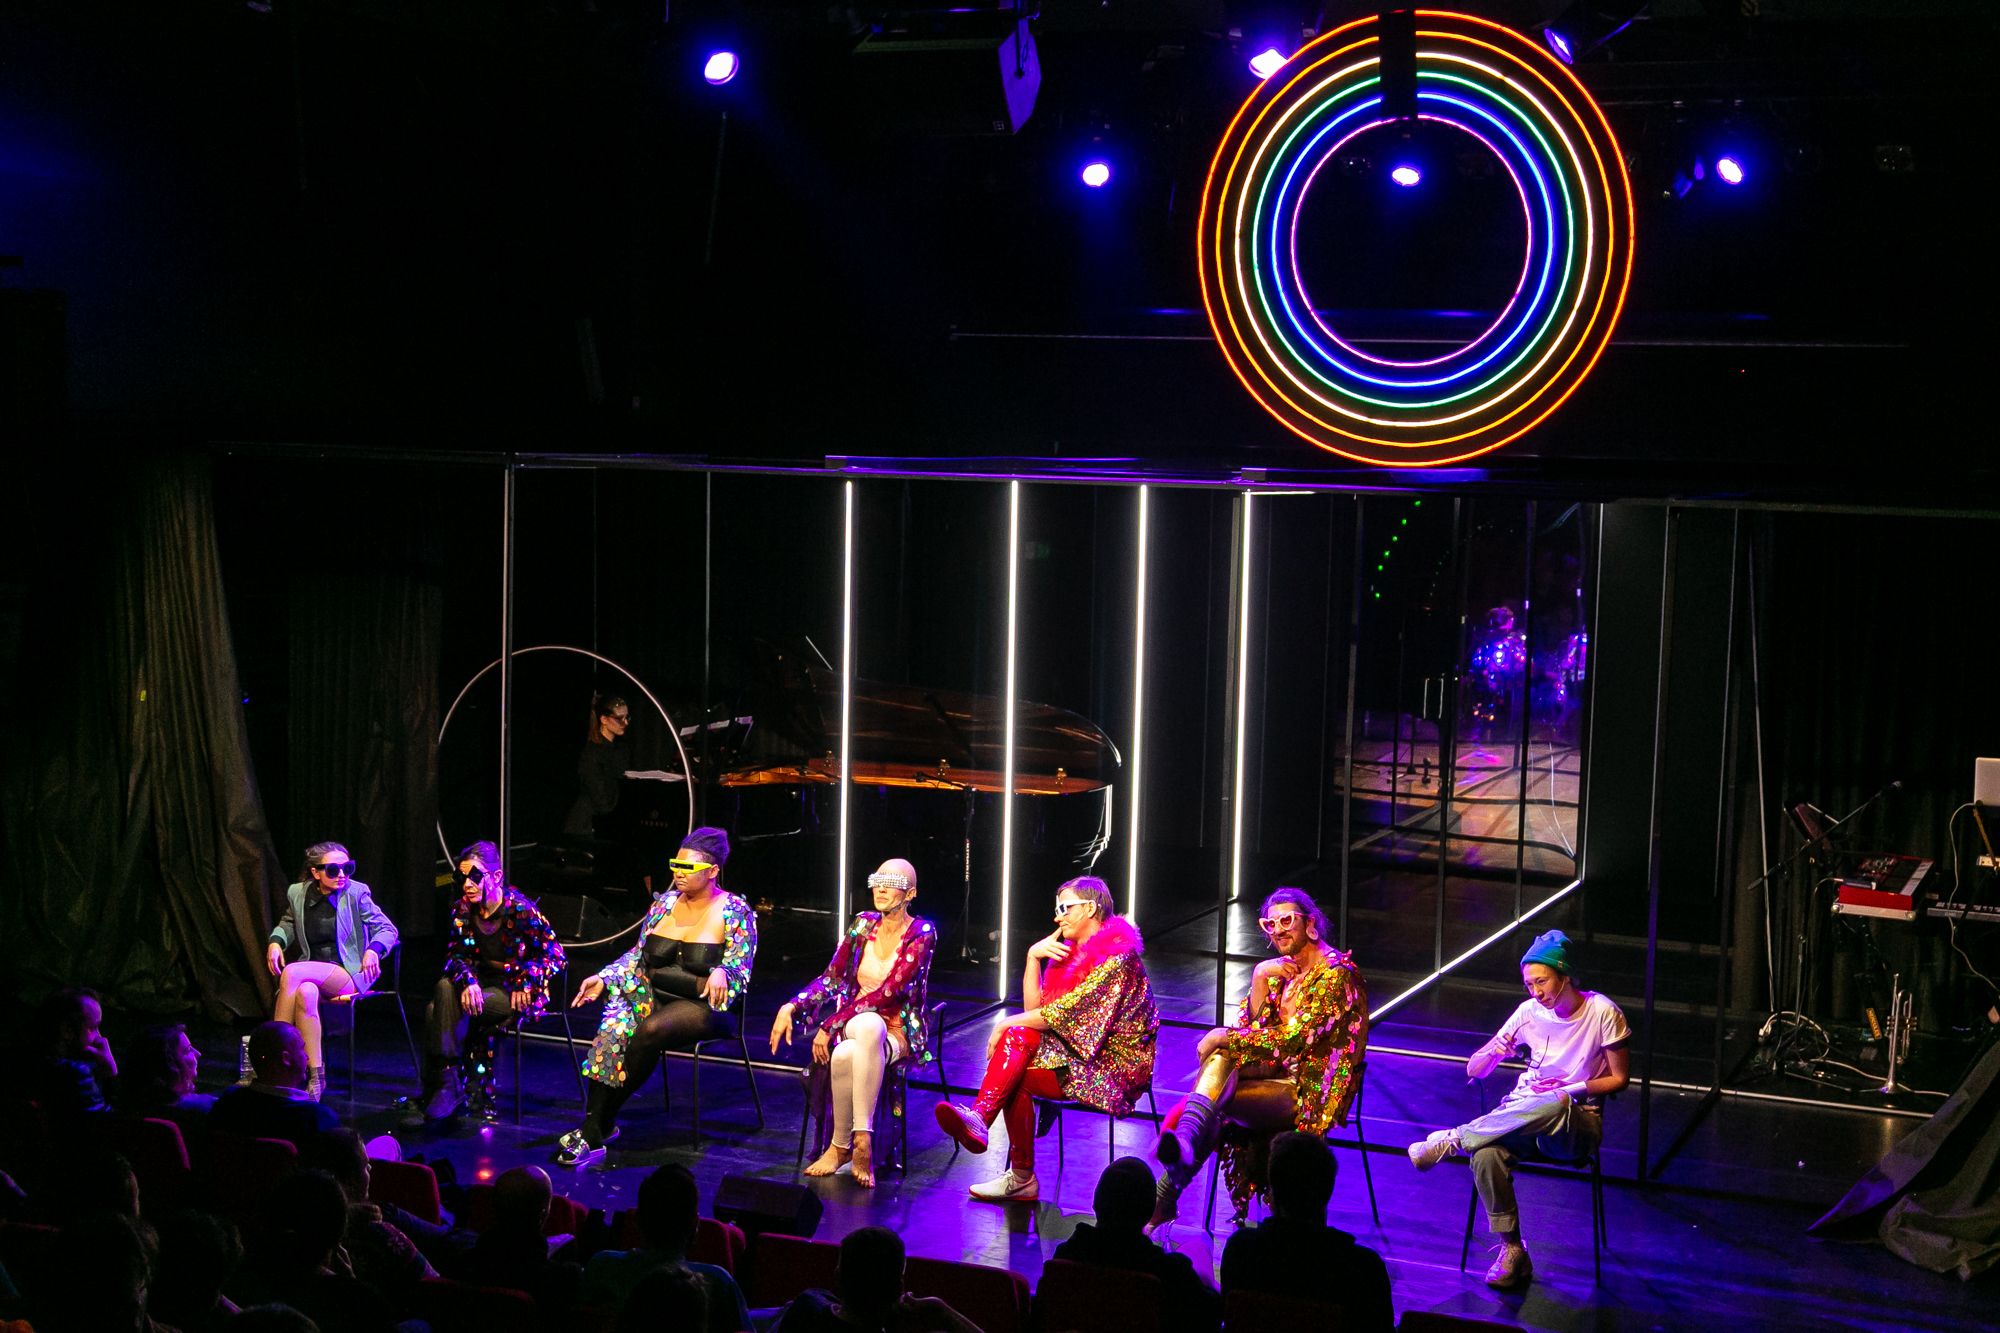 Na przedzie sceny siedzą na krzesłach drag queens, Konrad Konrad i Reżyser. Kurtyna jest odsłonięta, widać metalowy stelaż z pionowymi świetlówkami, nad sceną wisi neonowe koło w kolorach tęczy.